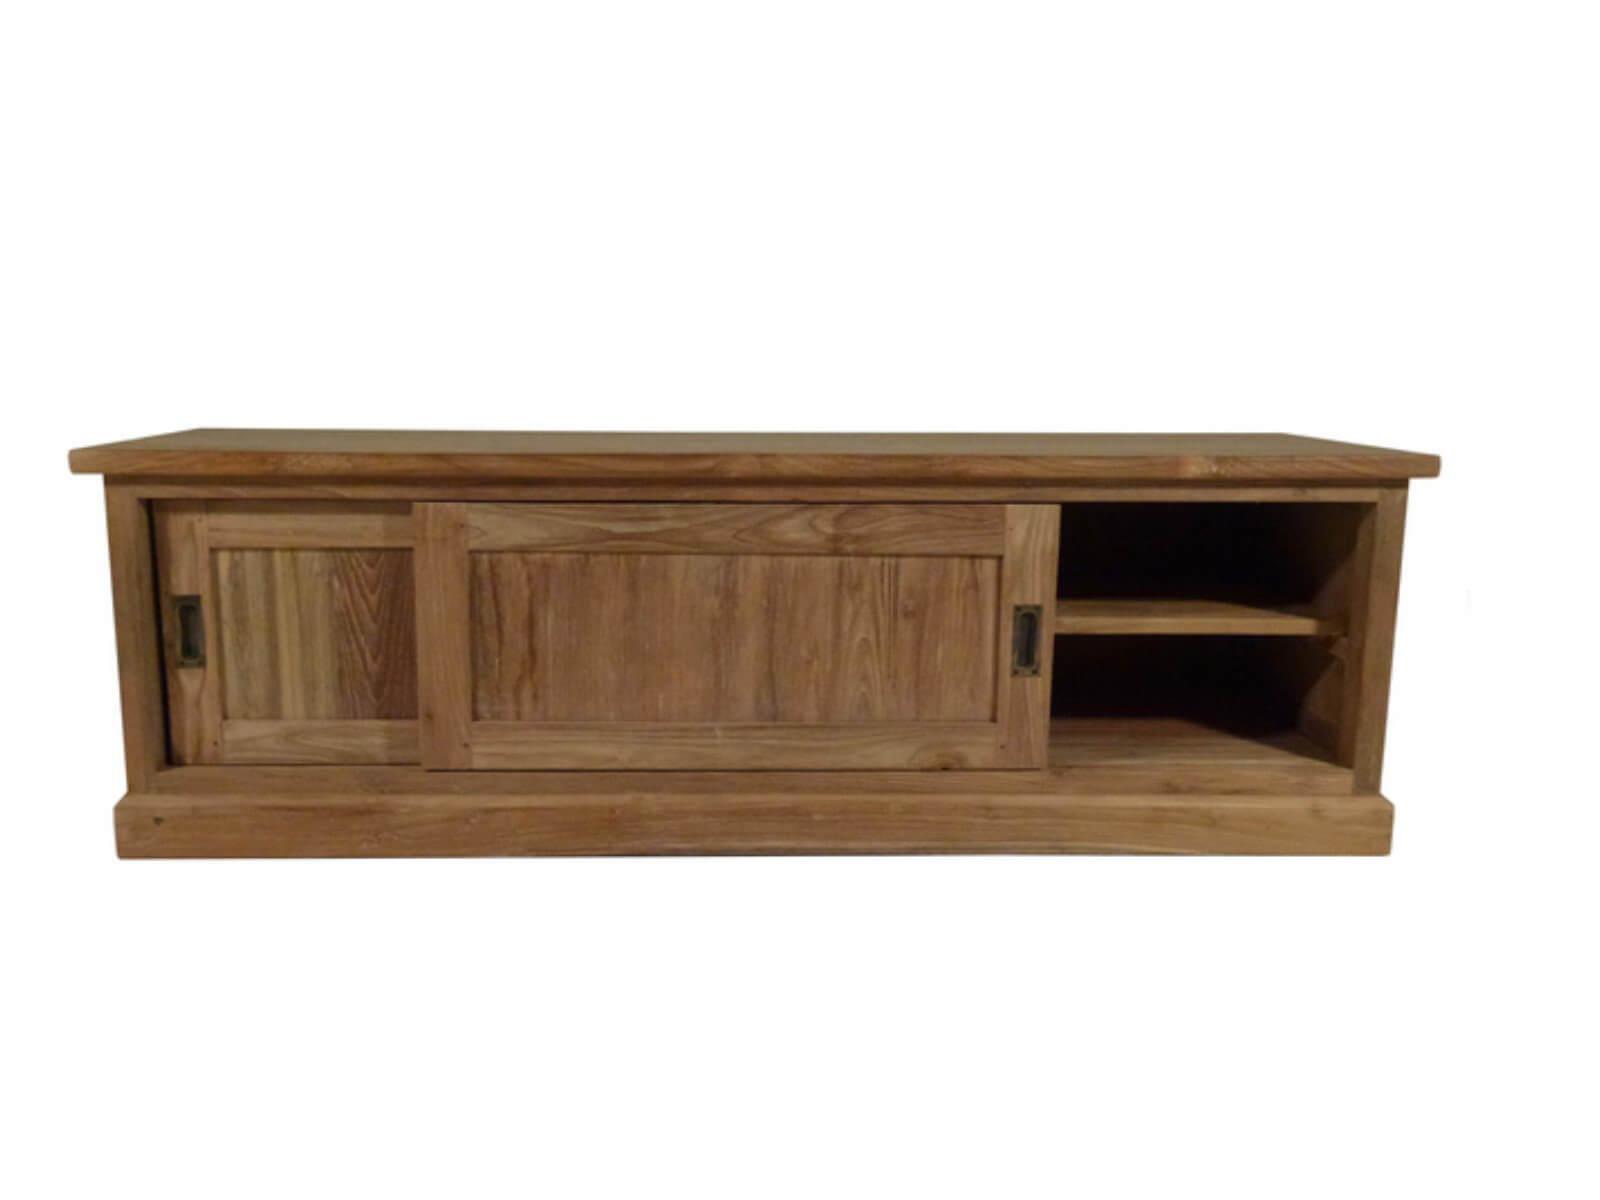 Tv meubel blank teak met 2 schuifdeuren landelijke stijl for Meubels teak